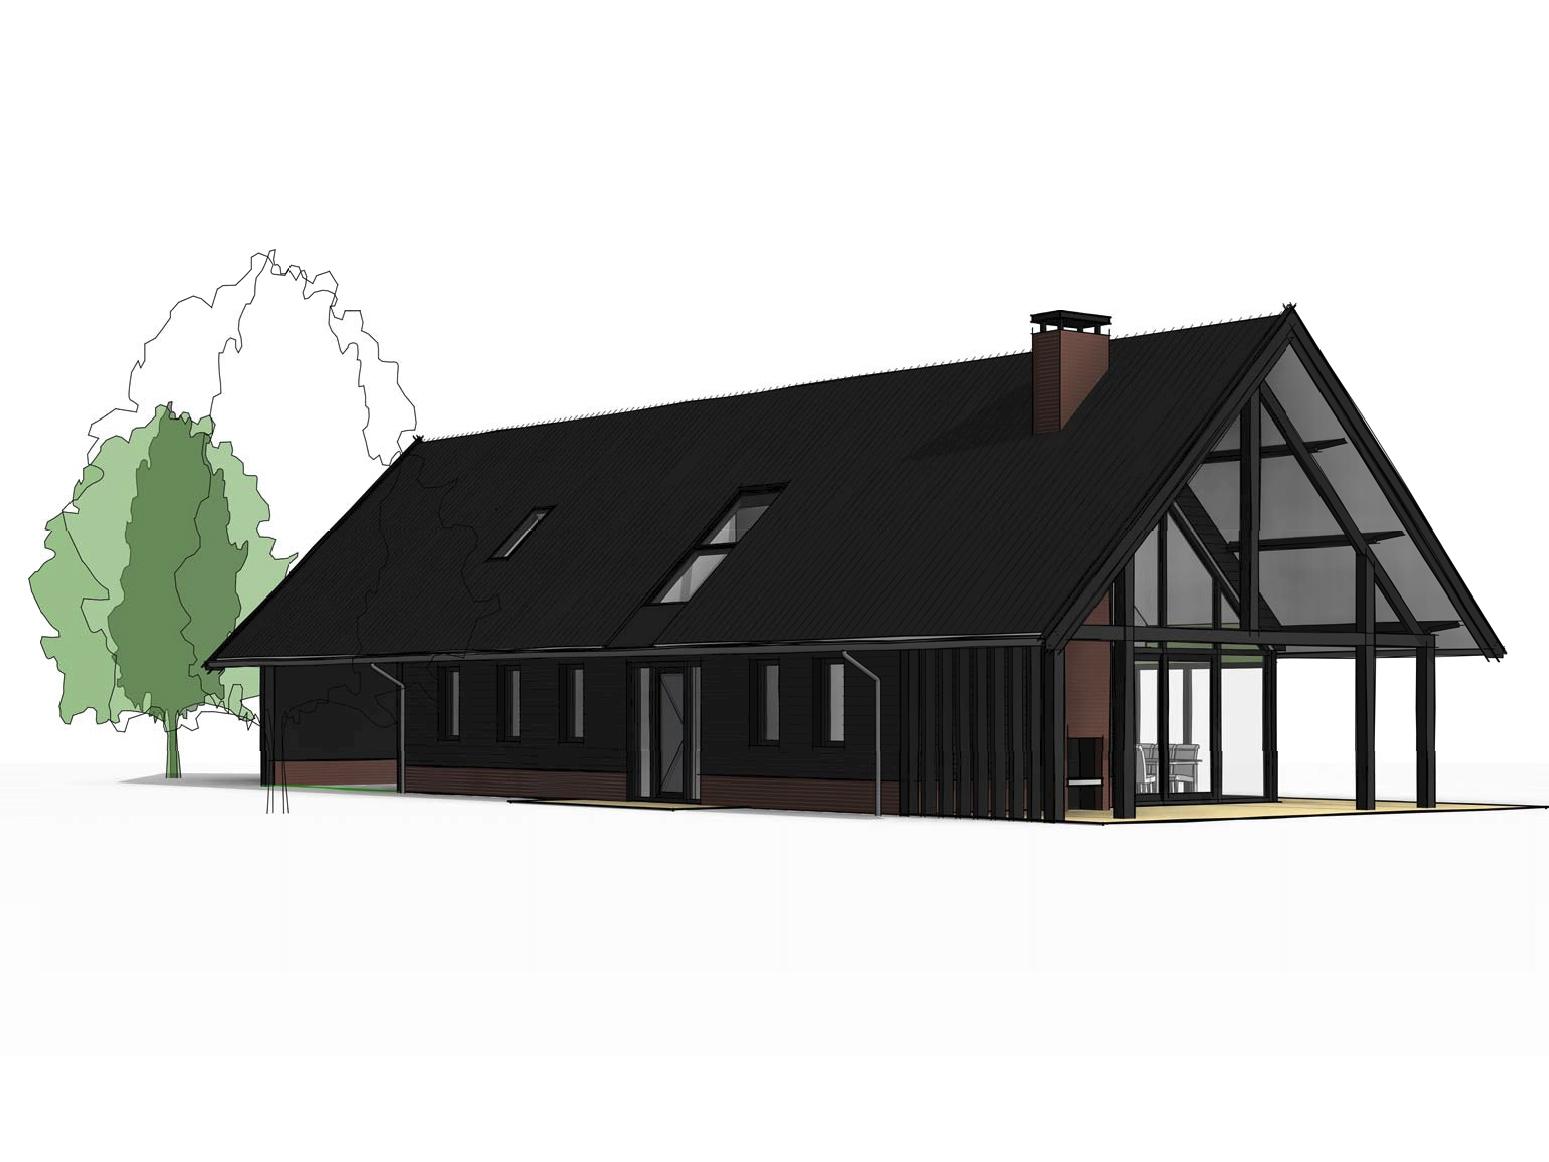 stoere-schuurwoning-klarenbeek-zwart-van-oord-architectuur-wenum-wiesel-apeldoorn-architect